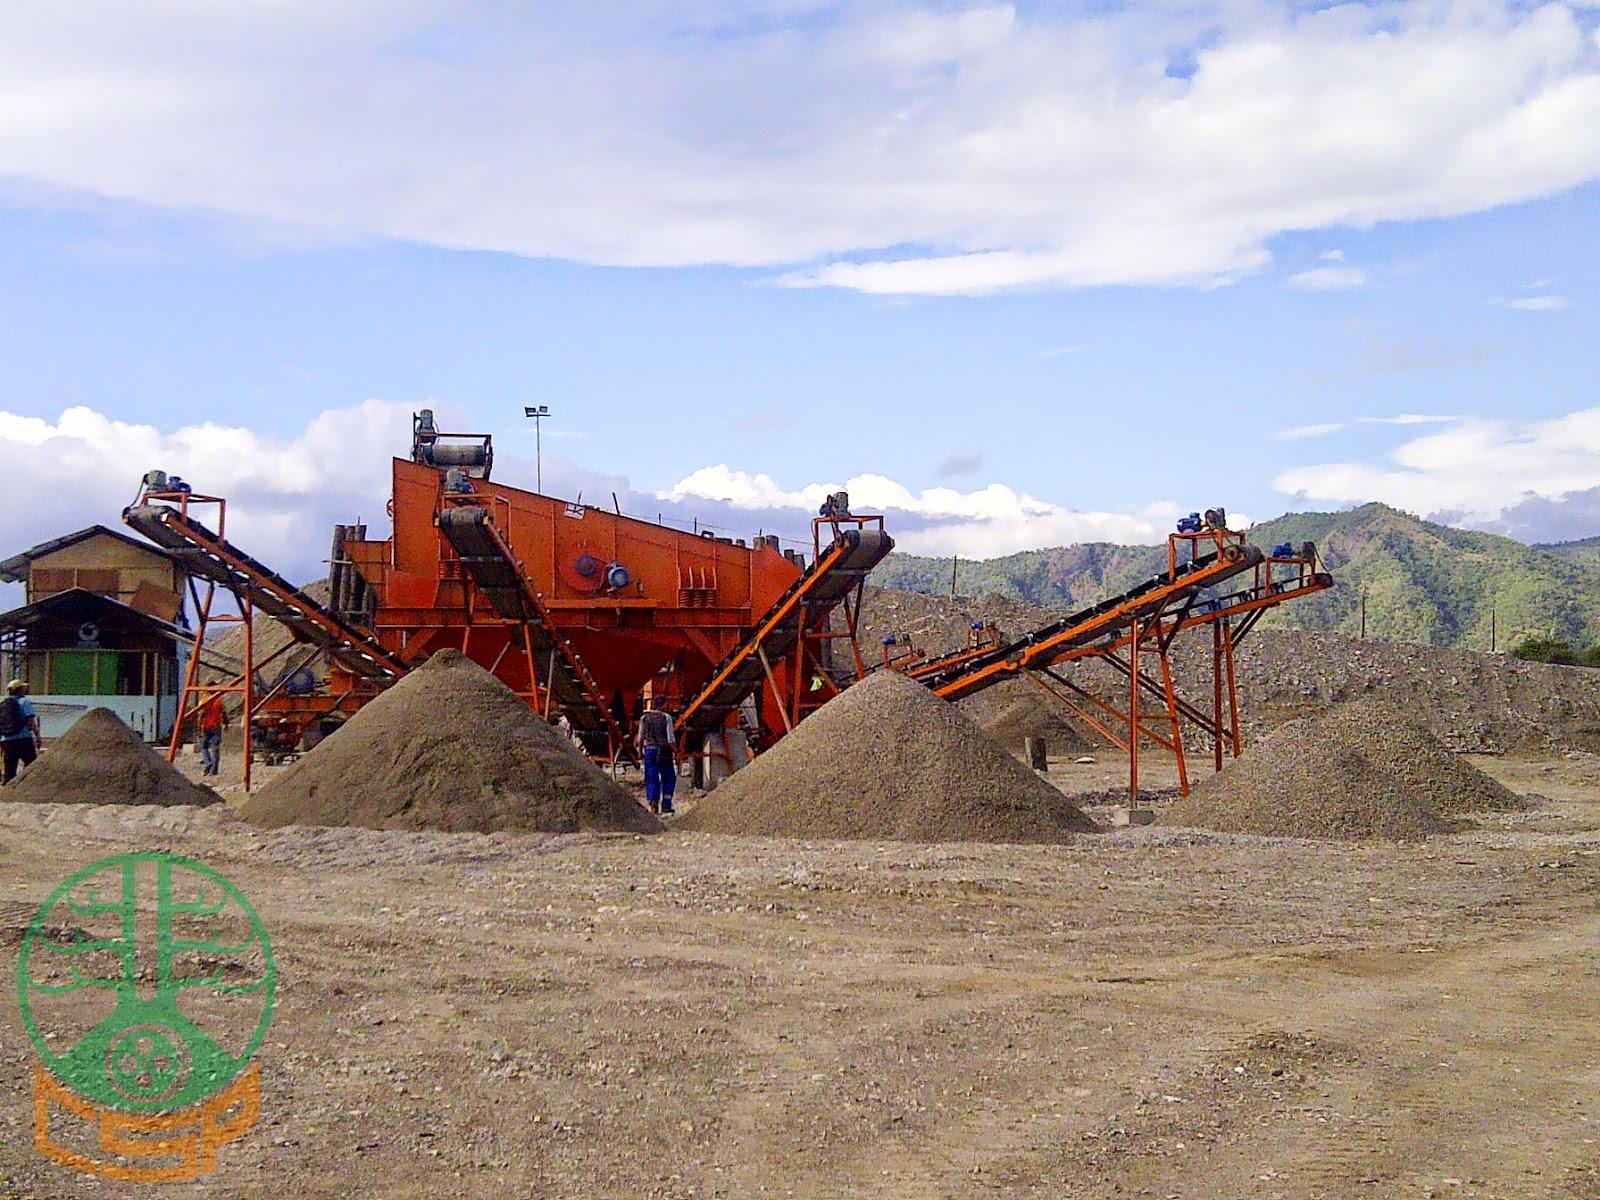 Project CSP Stone Crushing Plant 100-120 Tph PT Hutama Karya Wilayah 7, Oe Cusse - Timor Leste (04)